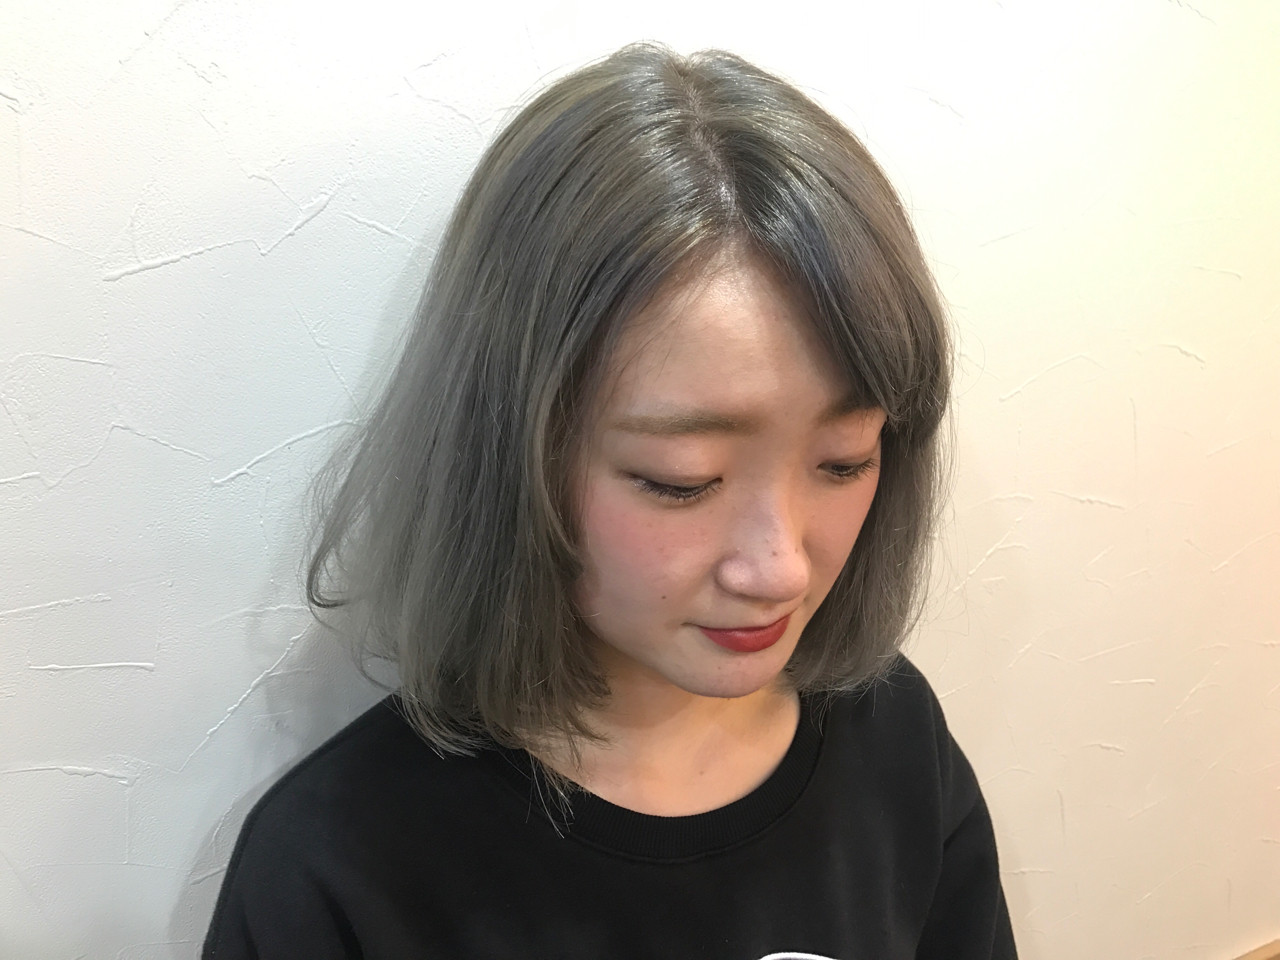 ブリーチ ダブルカラー ボブ ストリート ヘアスタイルや髪型の写真・画像